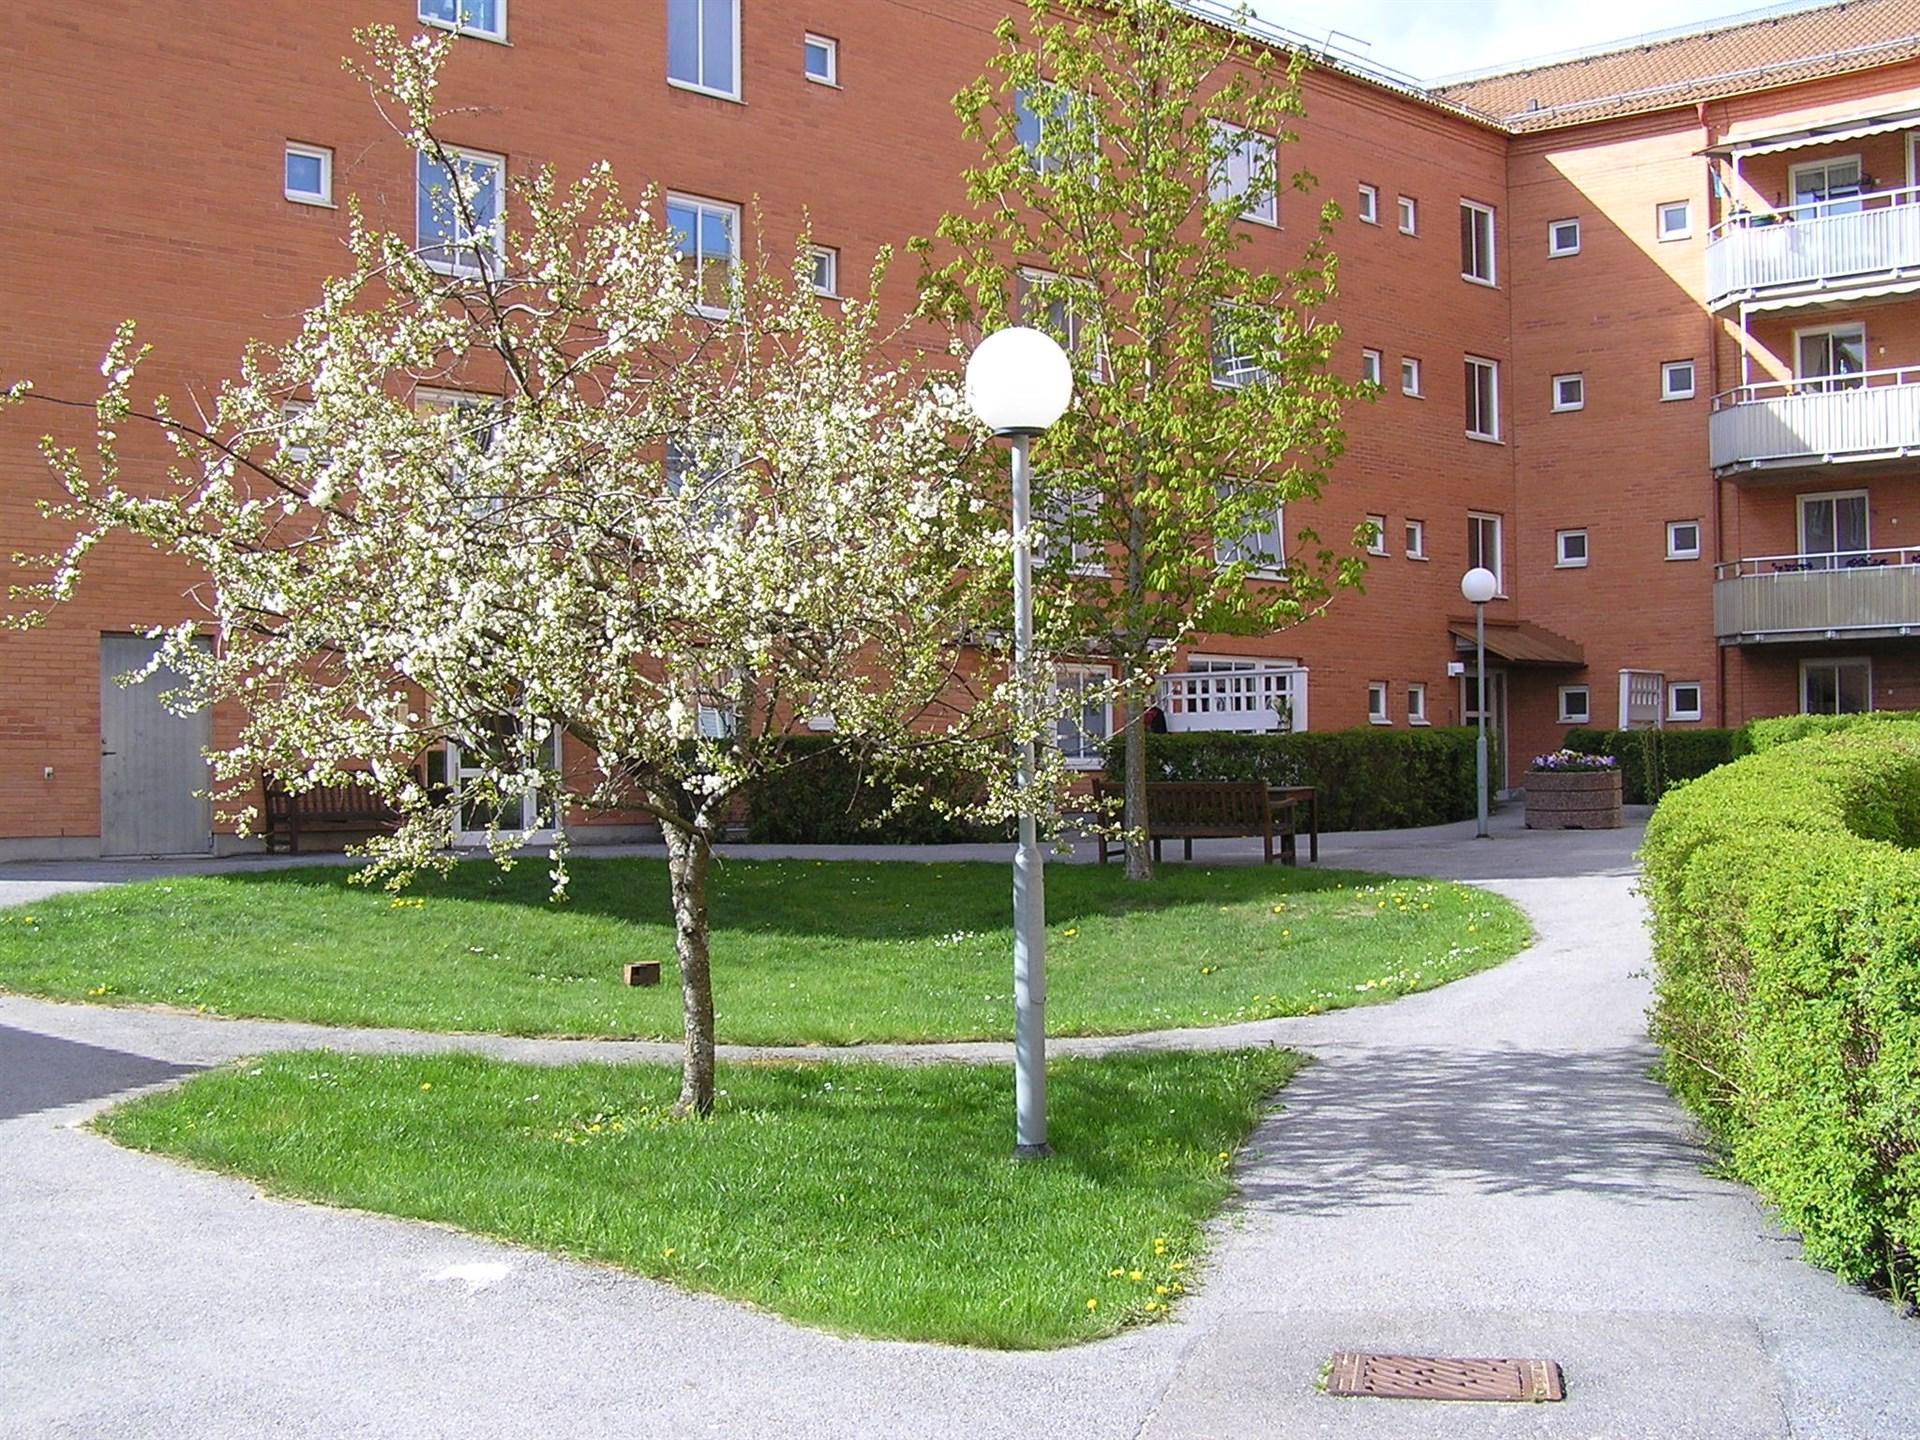 Vårbild - innergården